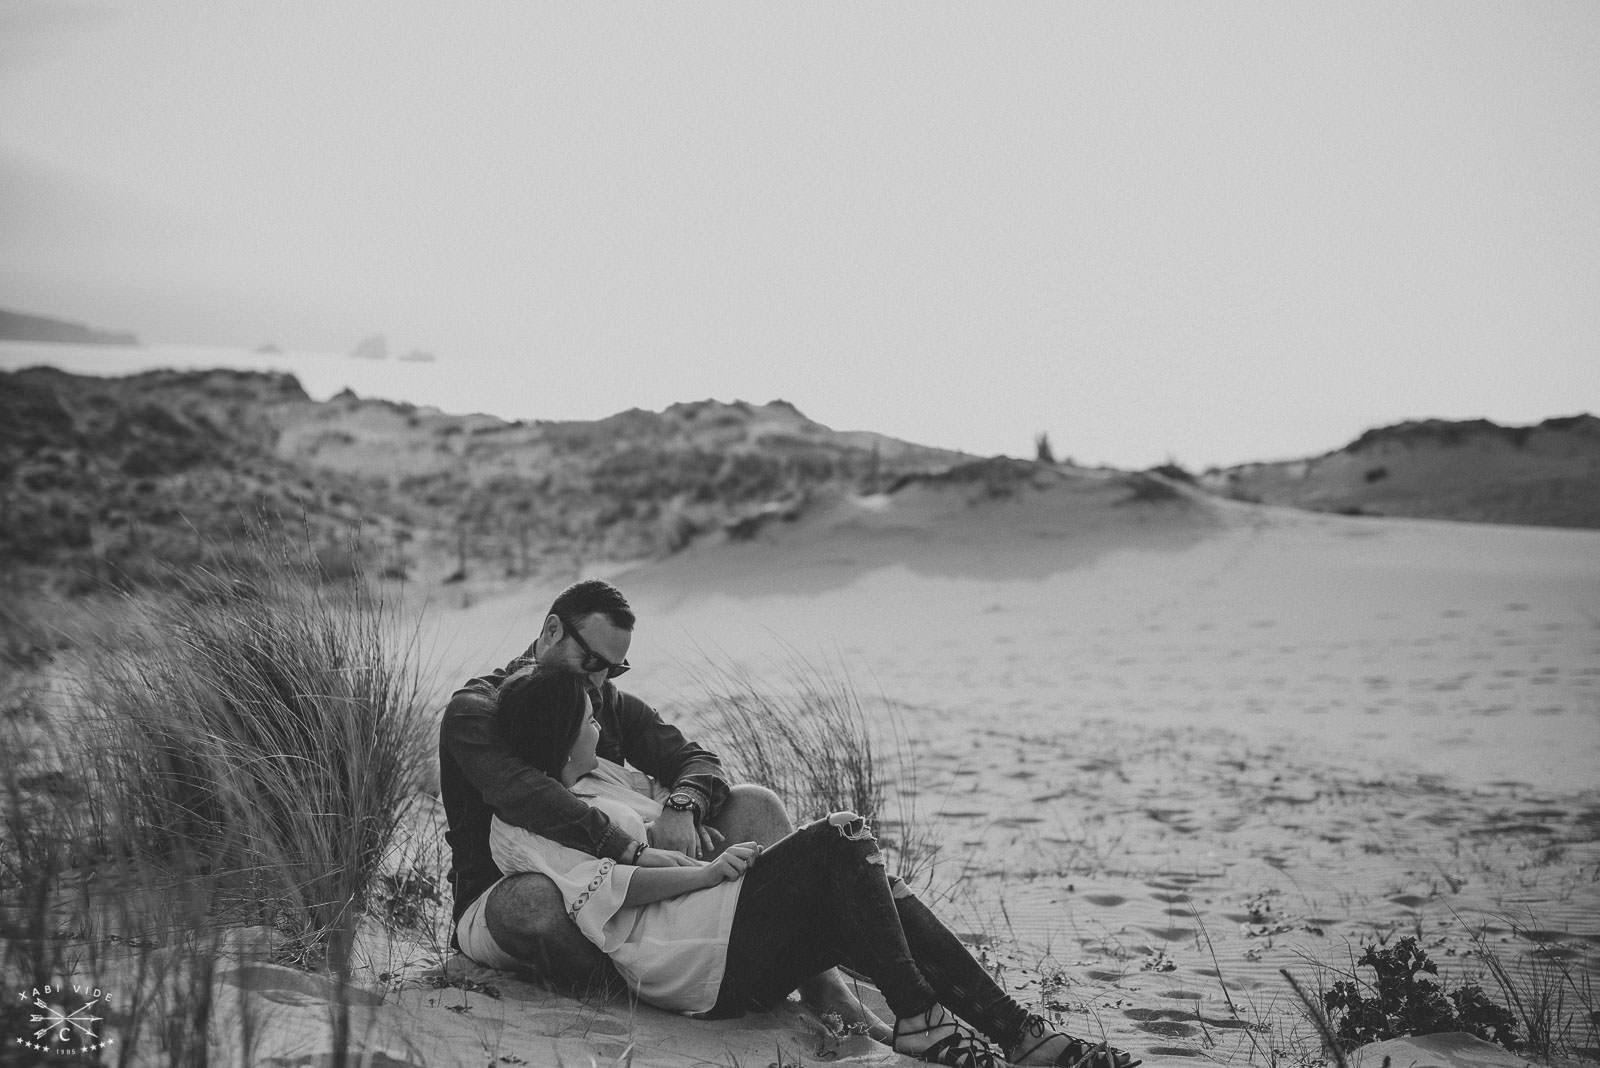 fotografo+de+bodas+en+cantabria-6